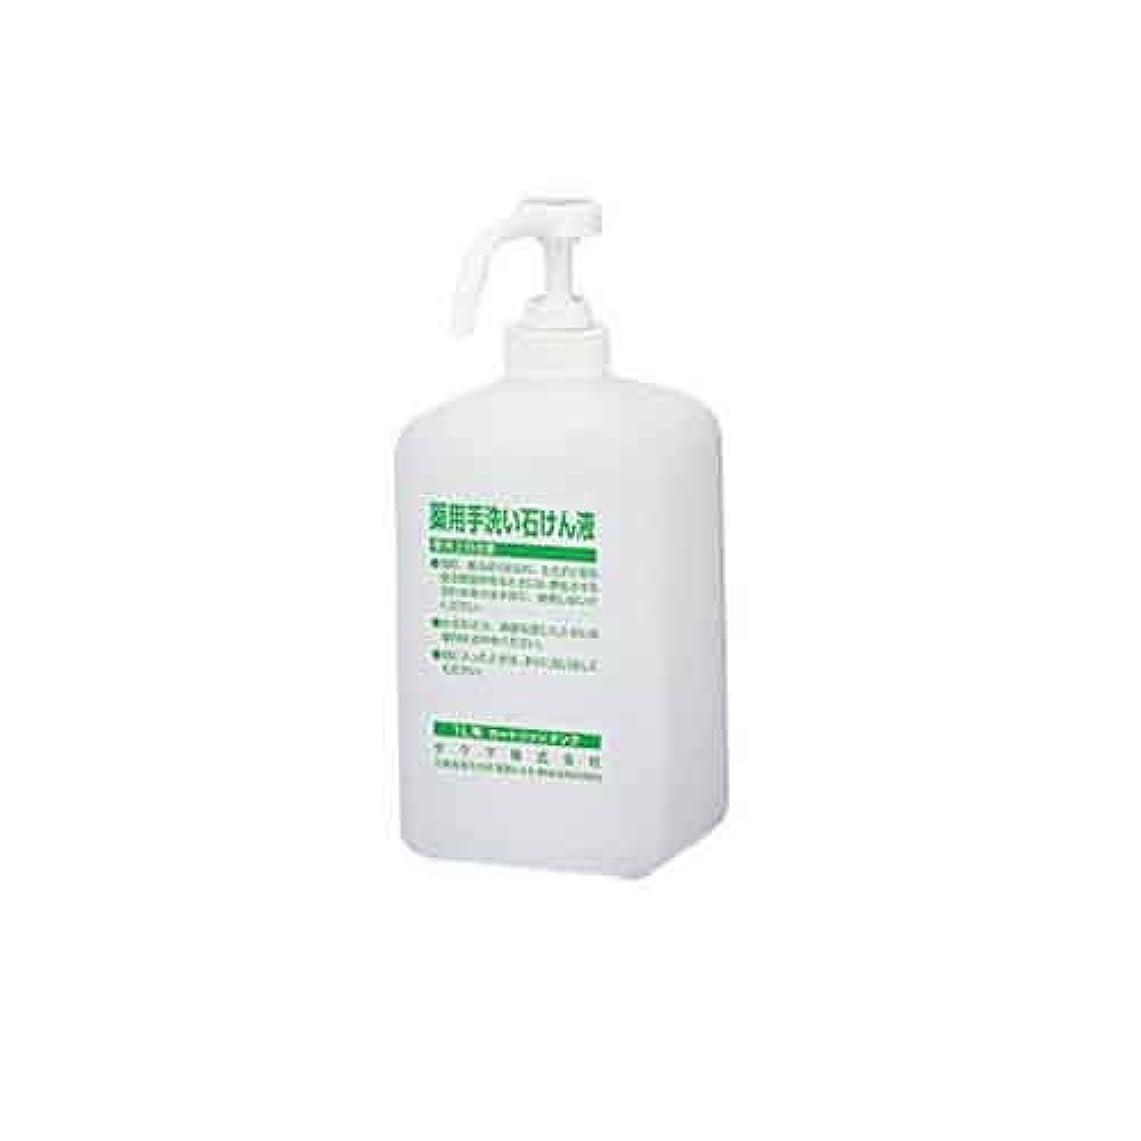 値反論者種をまくサラヤ 石けん液用 ポンプ付 カートリッジボトル ロングノズル 1L